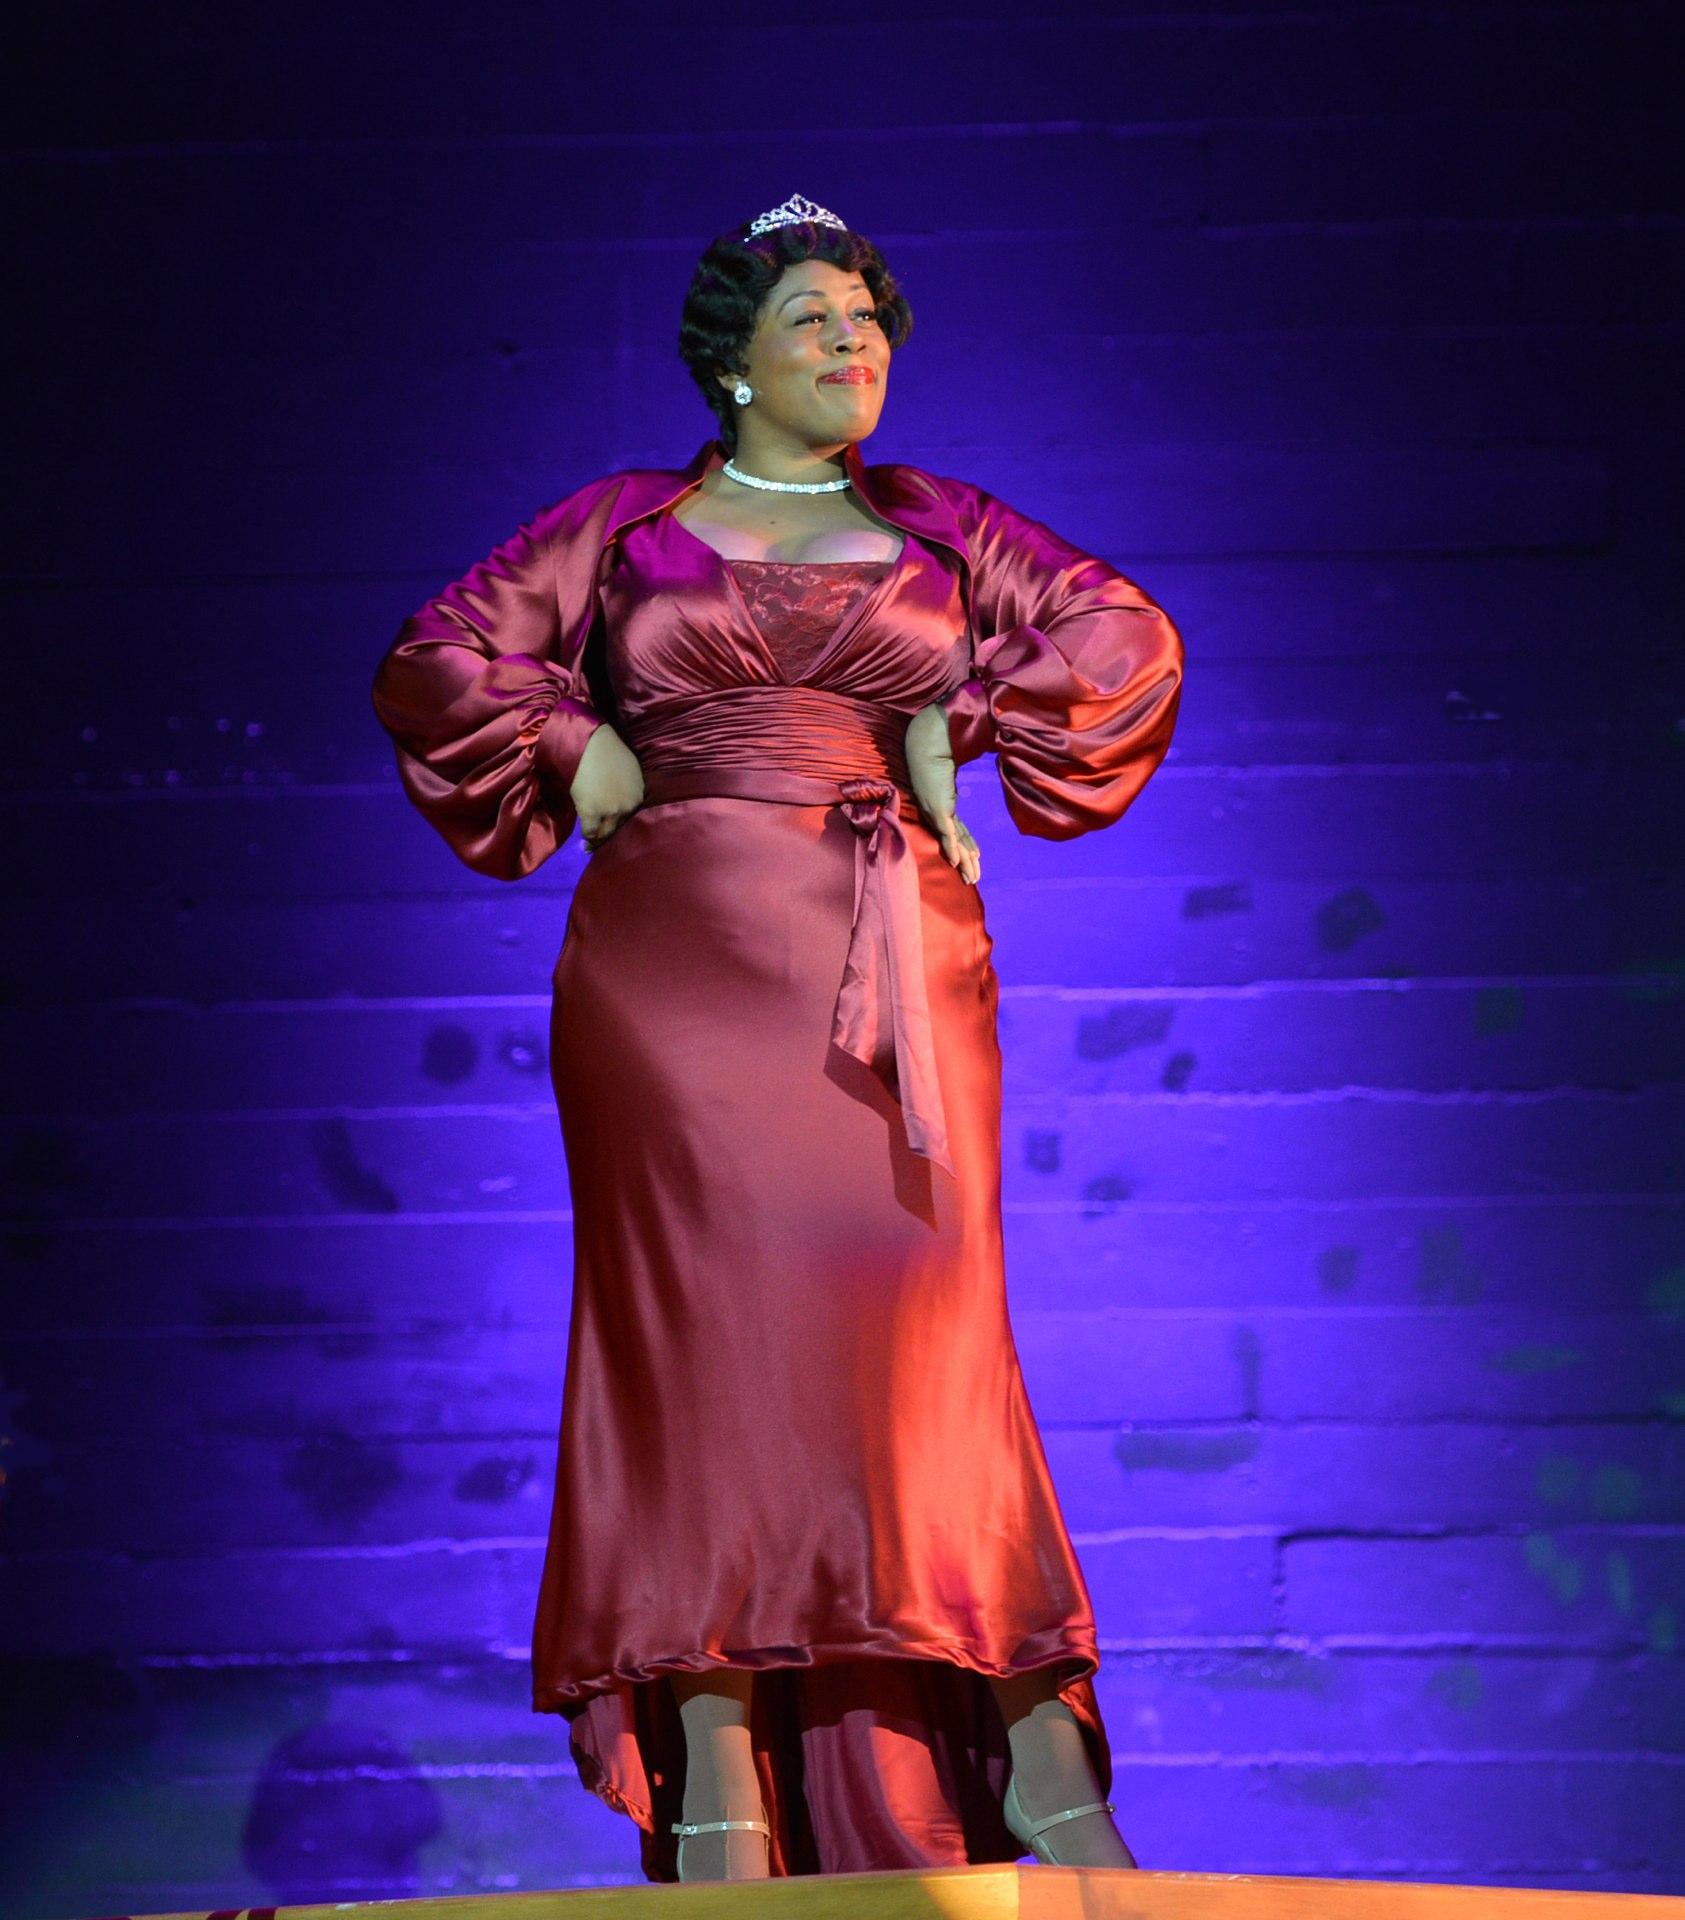 Queenie Pie